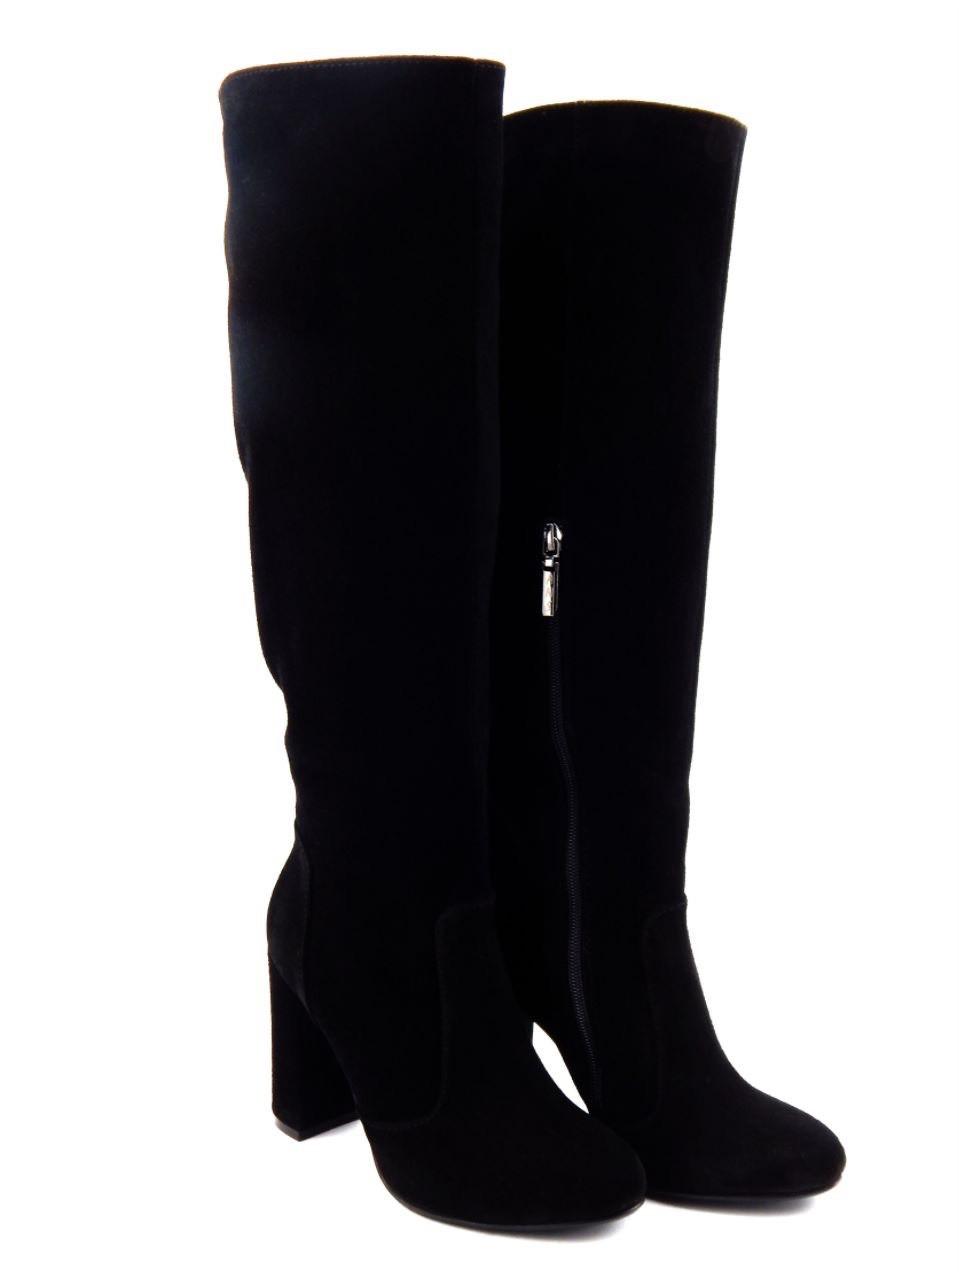 3b6f15181 Замшевые зимние сапоги на толстом каблуке, натуральная кожа, черный ...